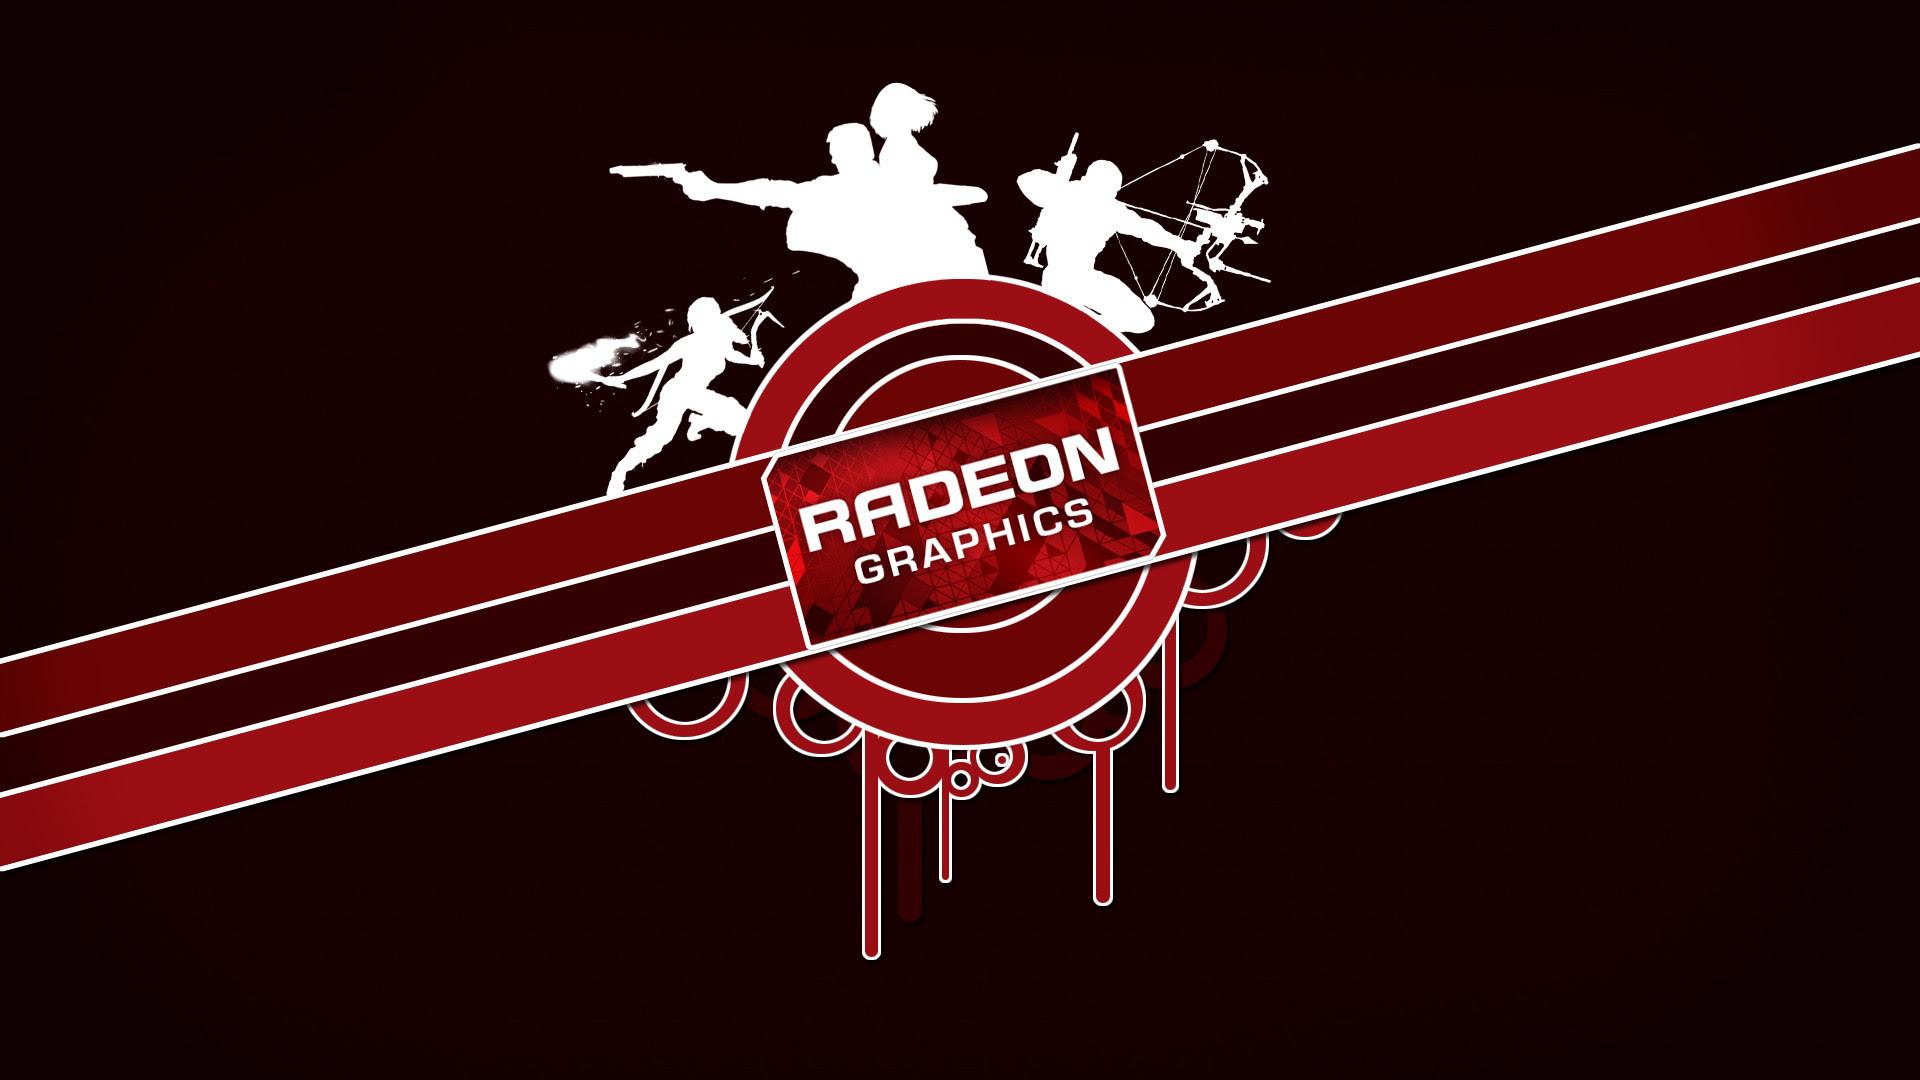 AMD 4K Wallpaper (75+ images)